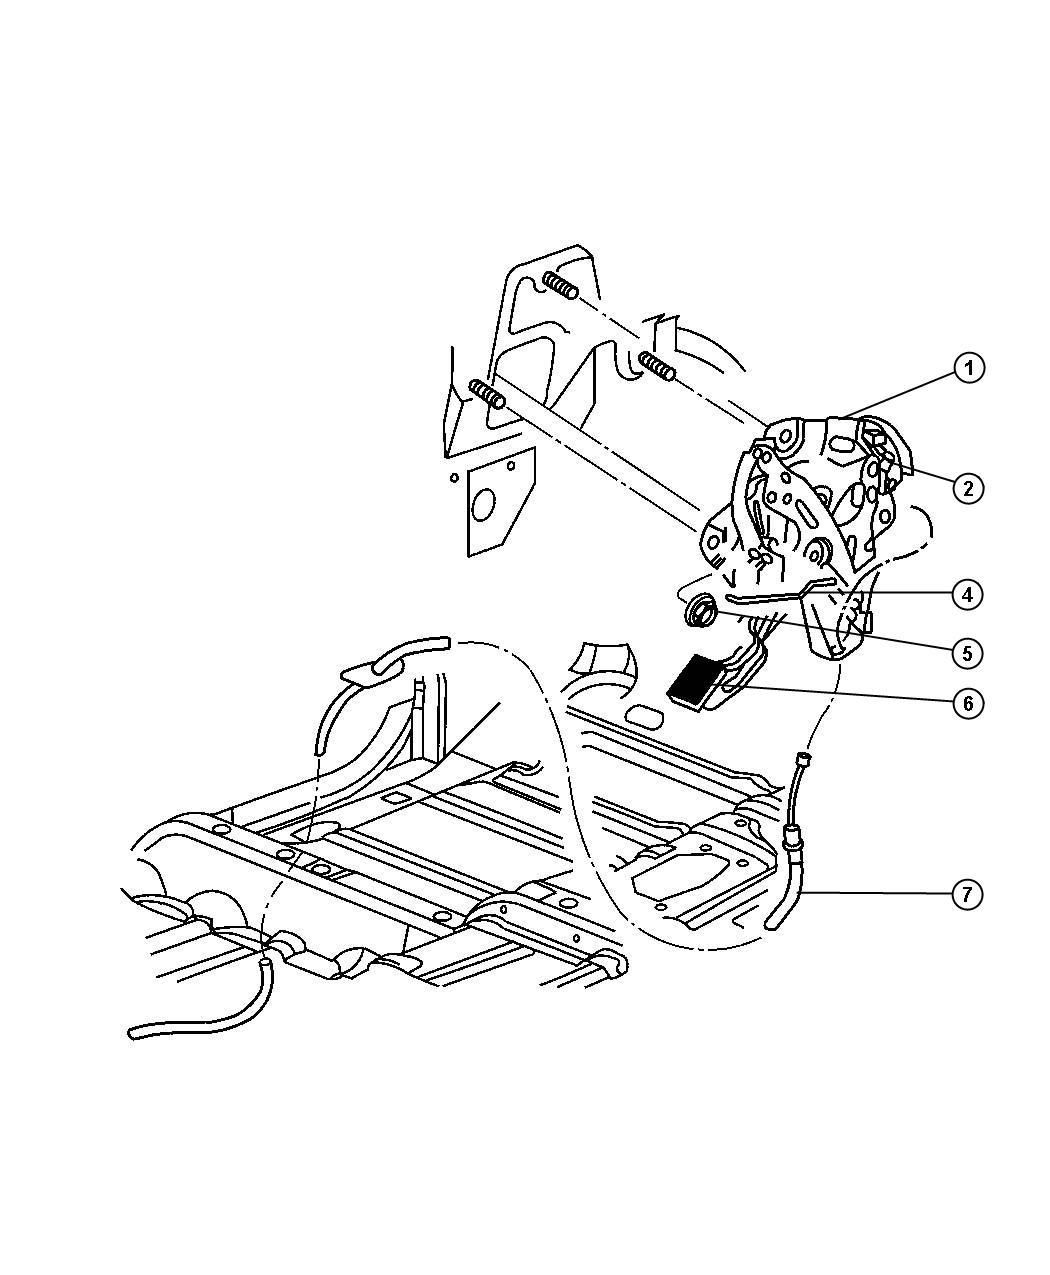 2003 Dodge Ram 1500 Handle. Parking brake. [dv], [dv